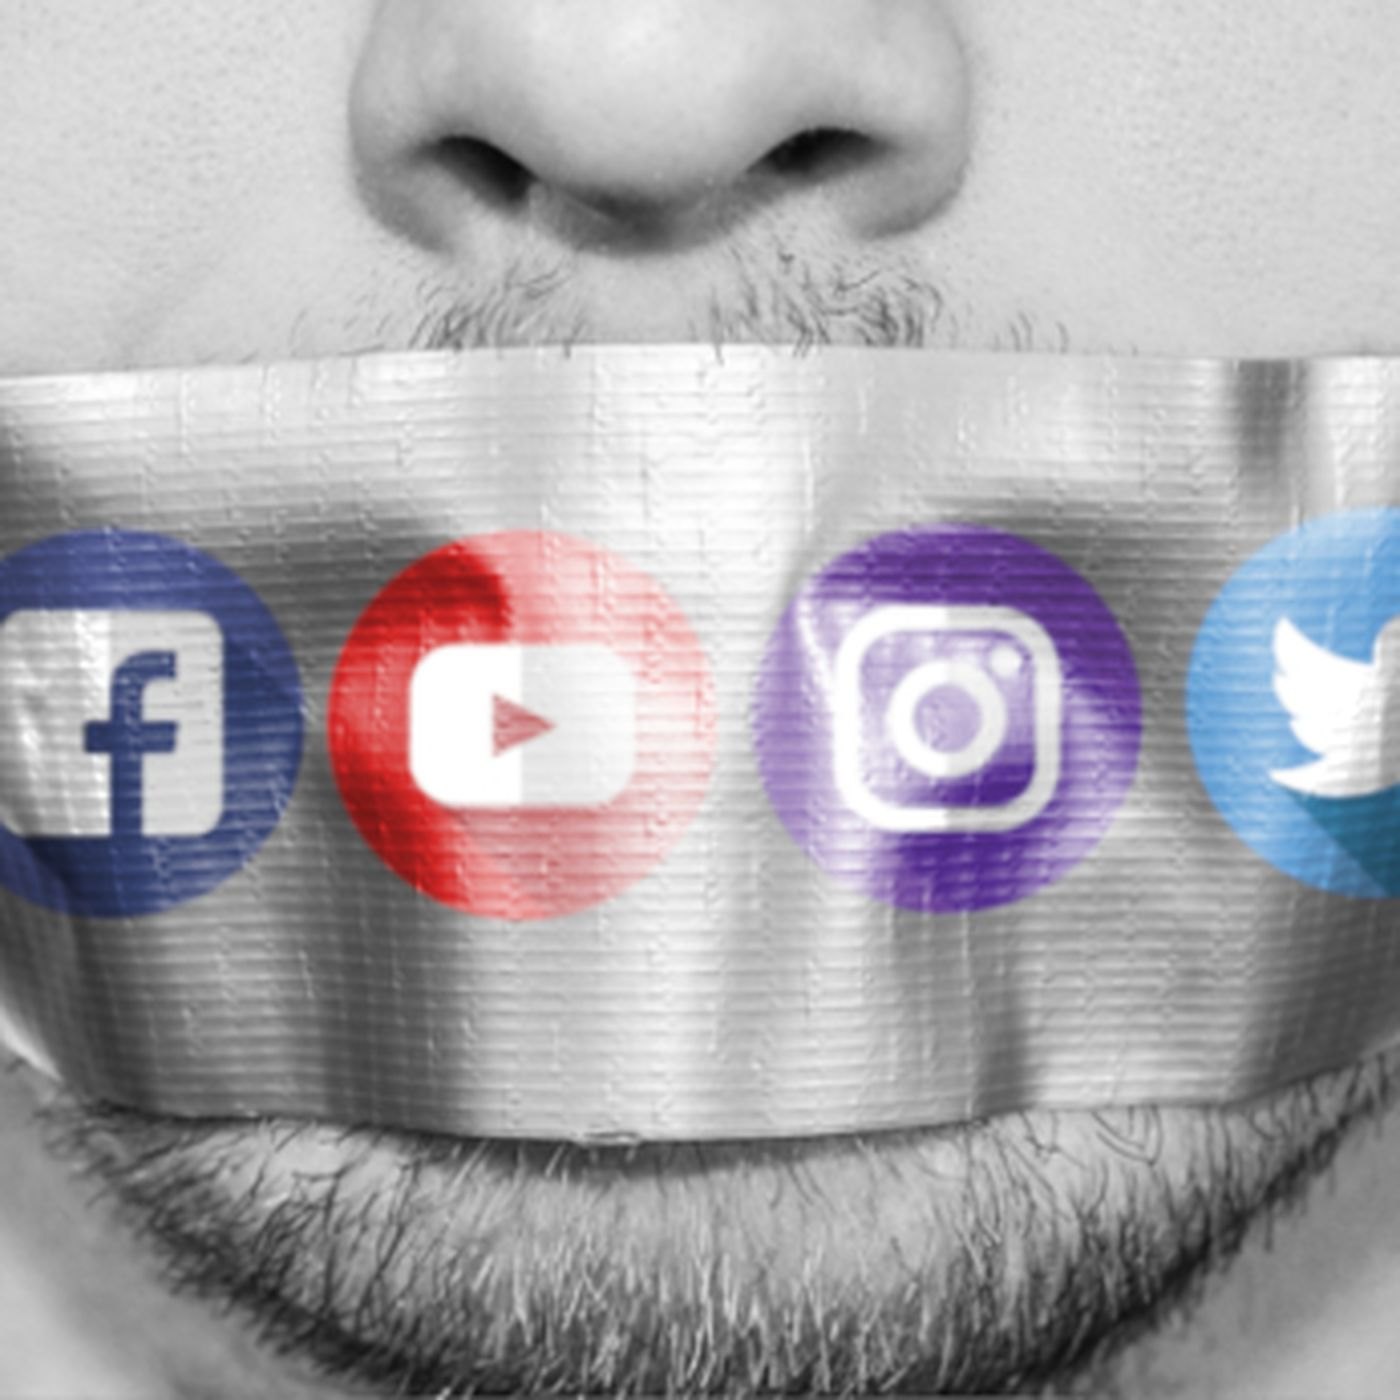 Censura en las redes sociales | PERIODISMO, DEPORTE Y TECNOLOGÍA